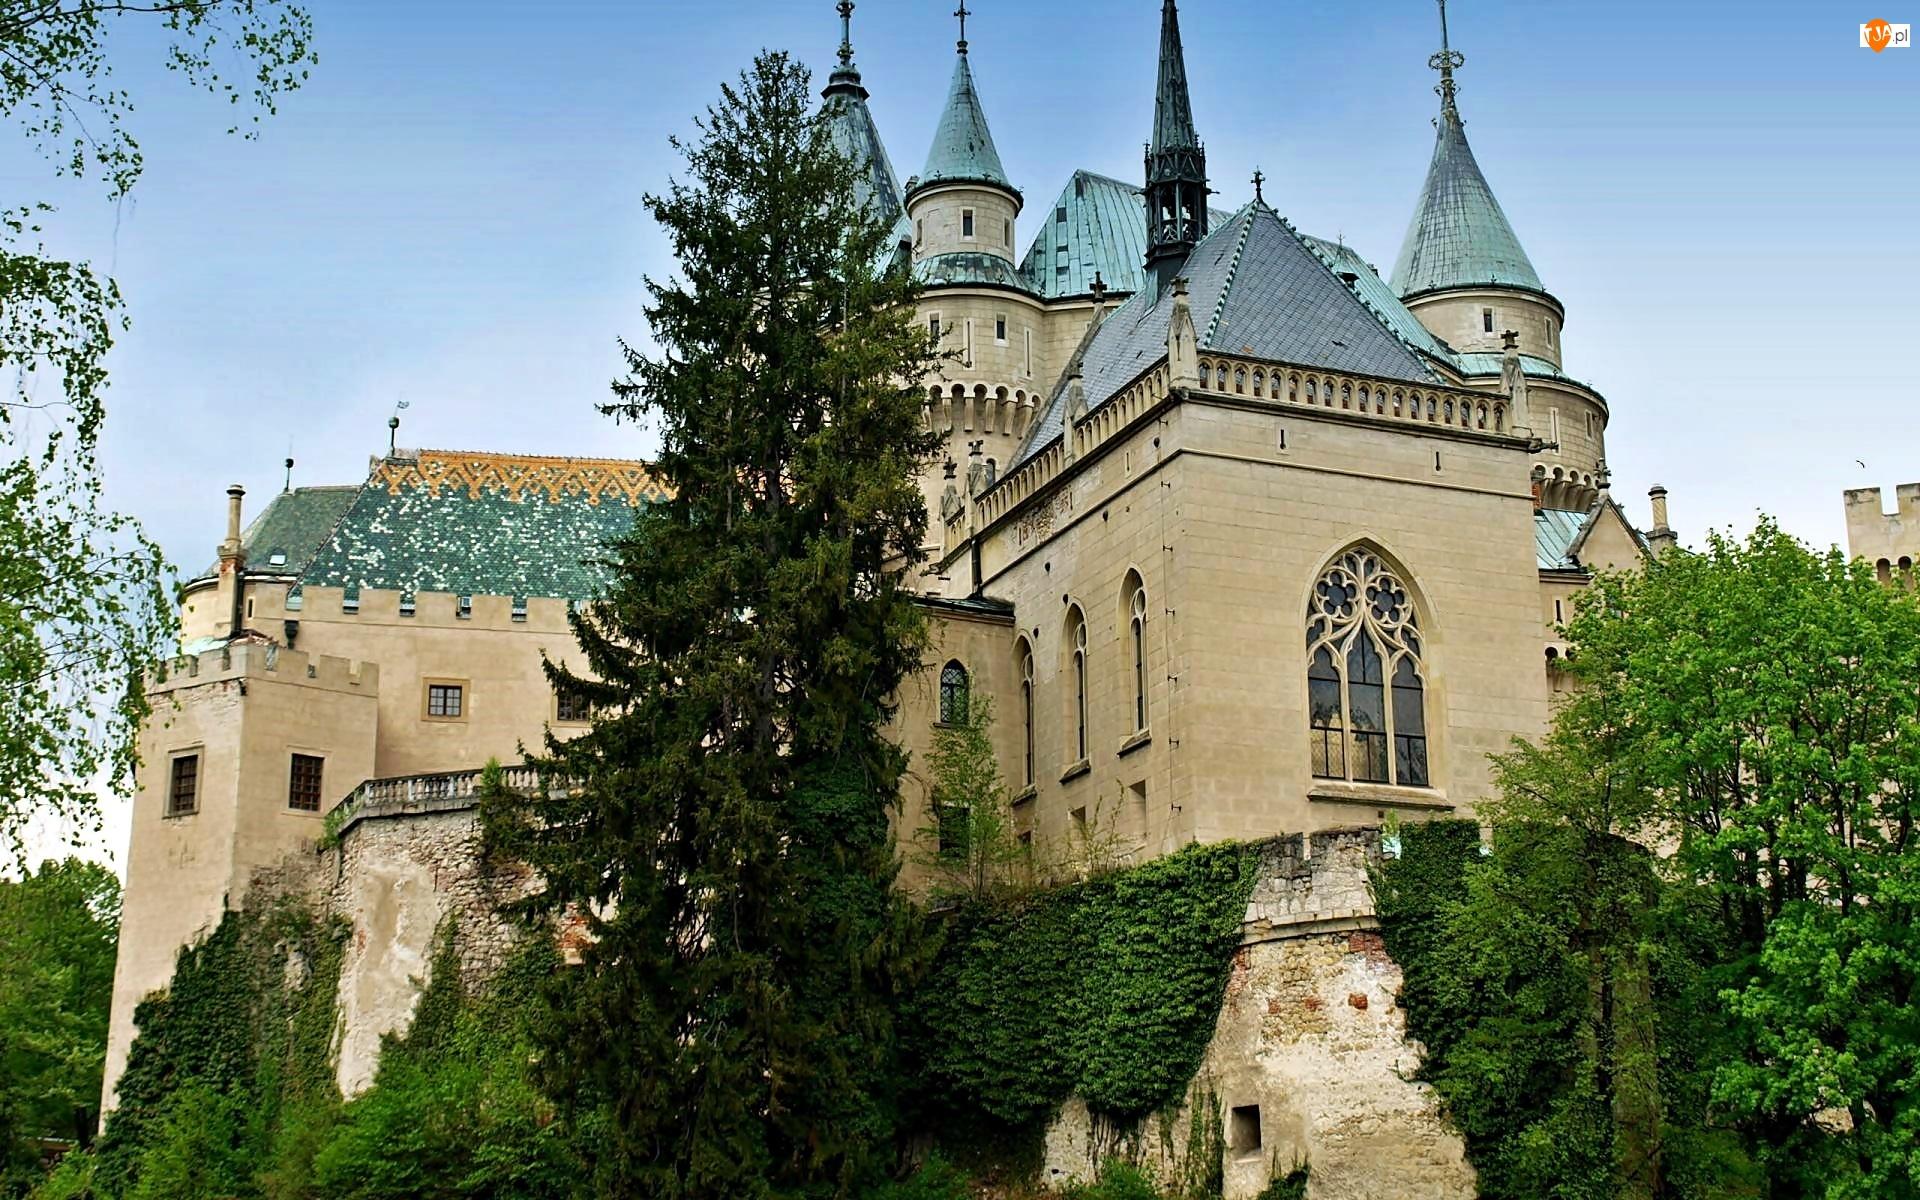 Zamek w Bojnicach, Słowacja, Bojnický zámok, Bojnice